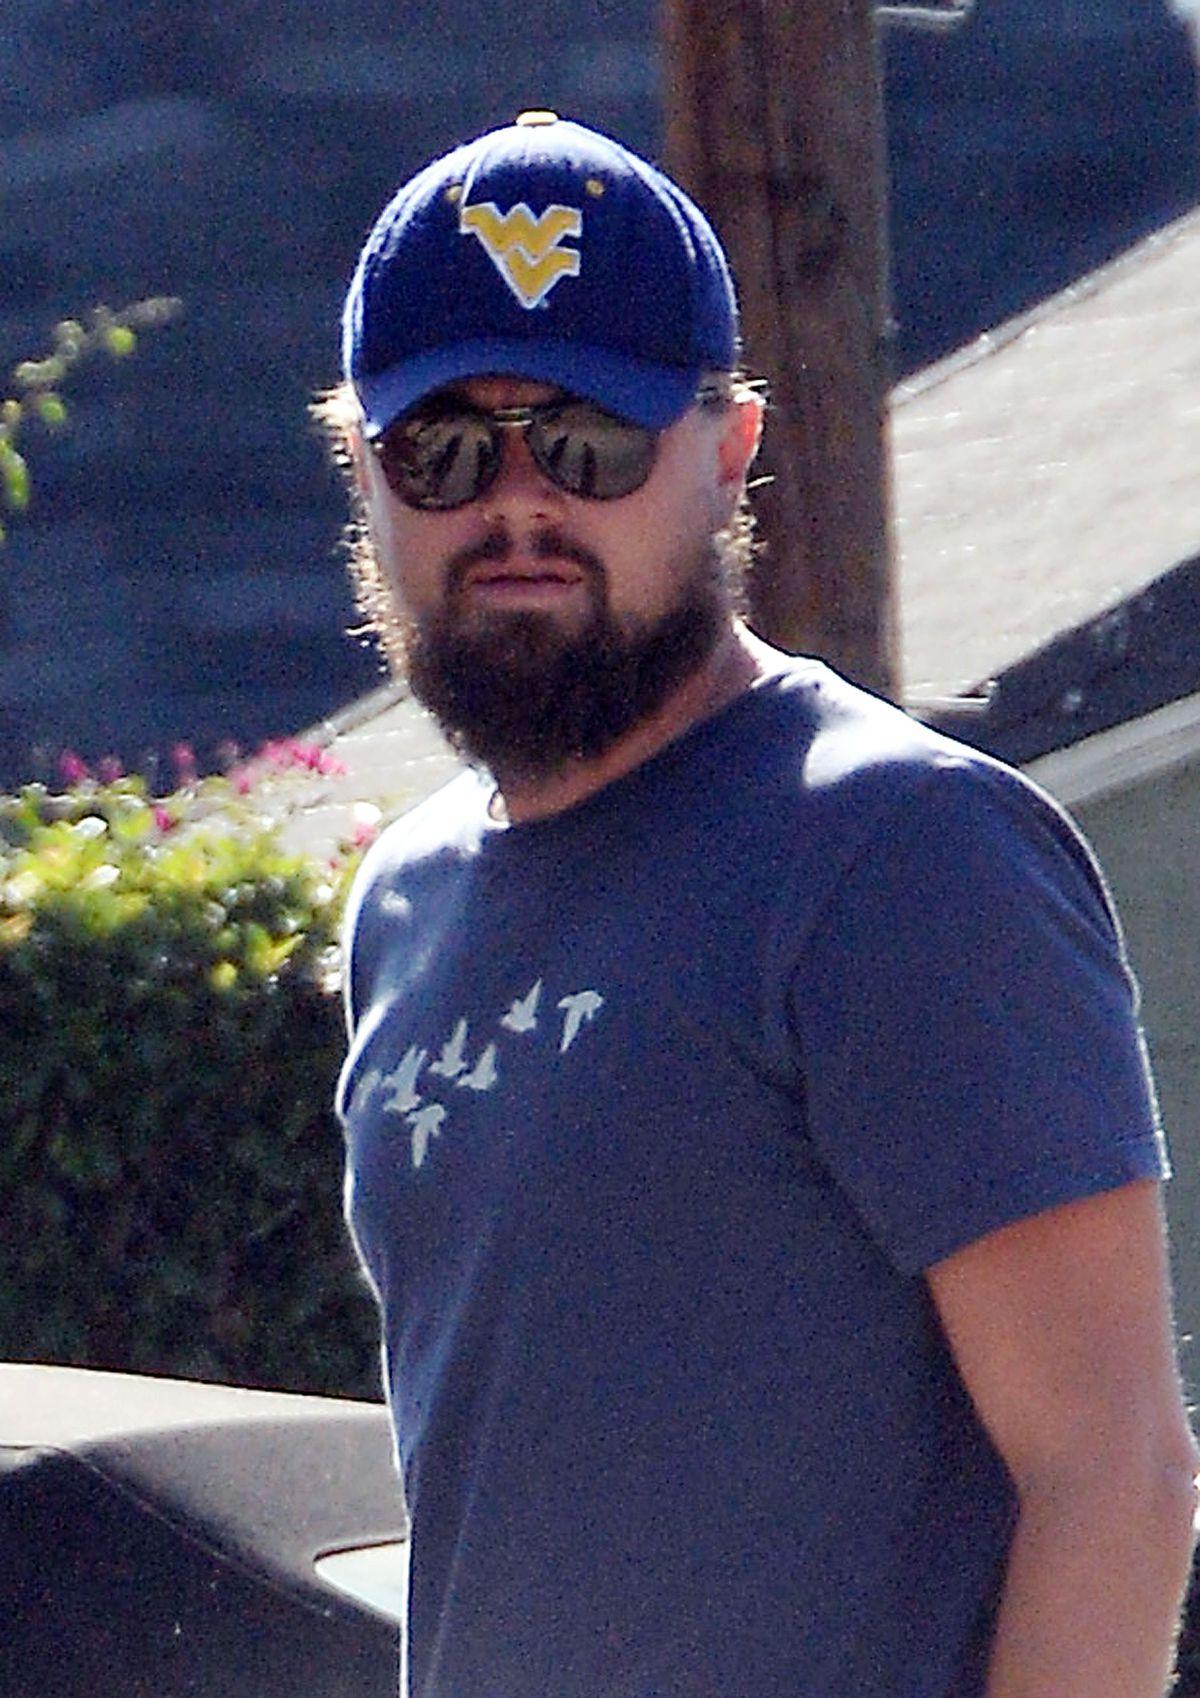 The Leonardo DiCaprio Baseball Cap Bracket - The Ringer